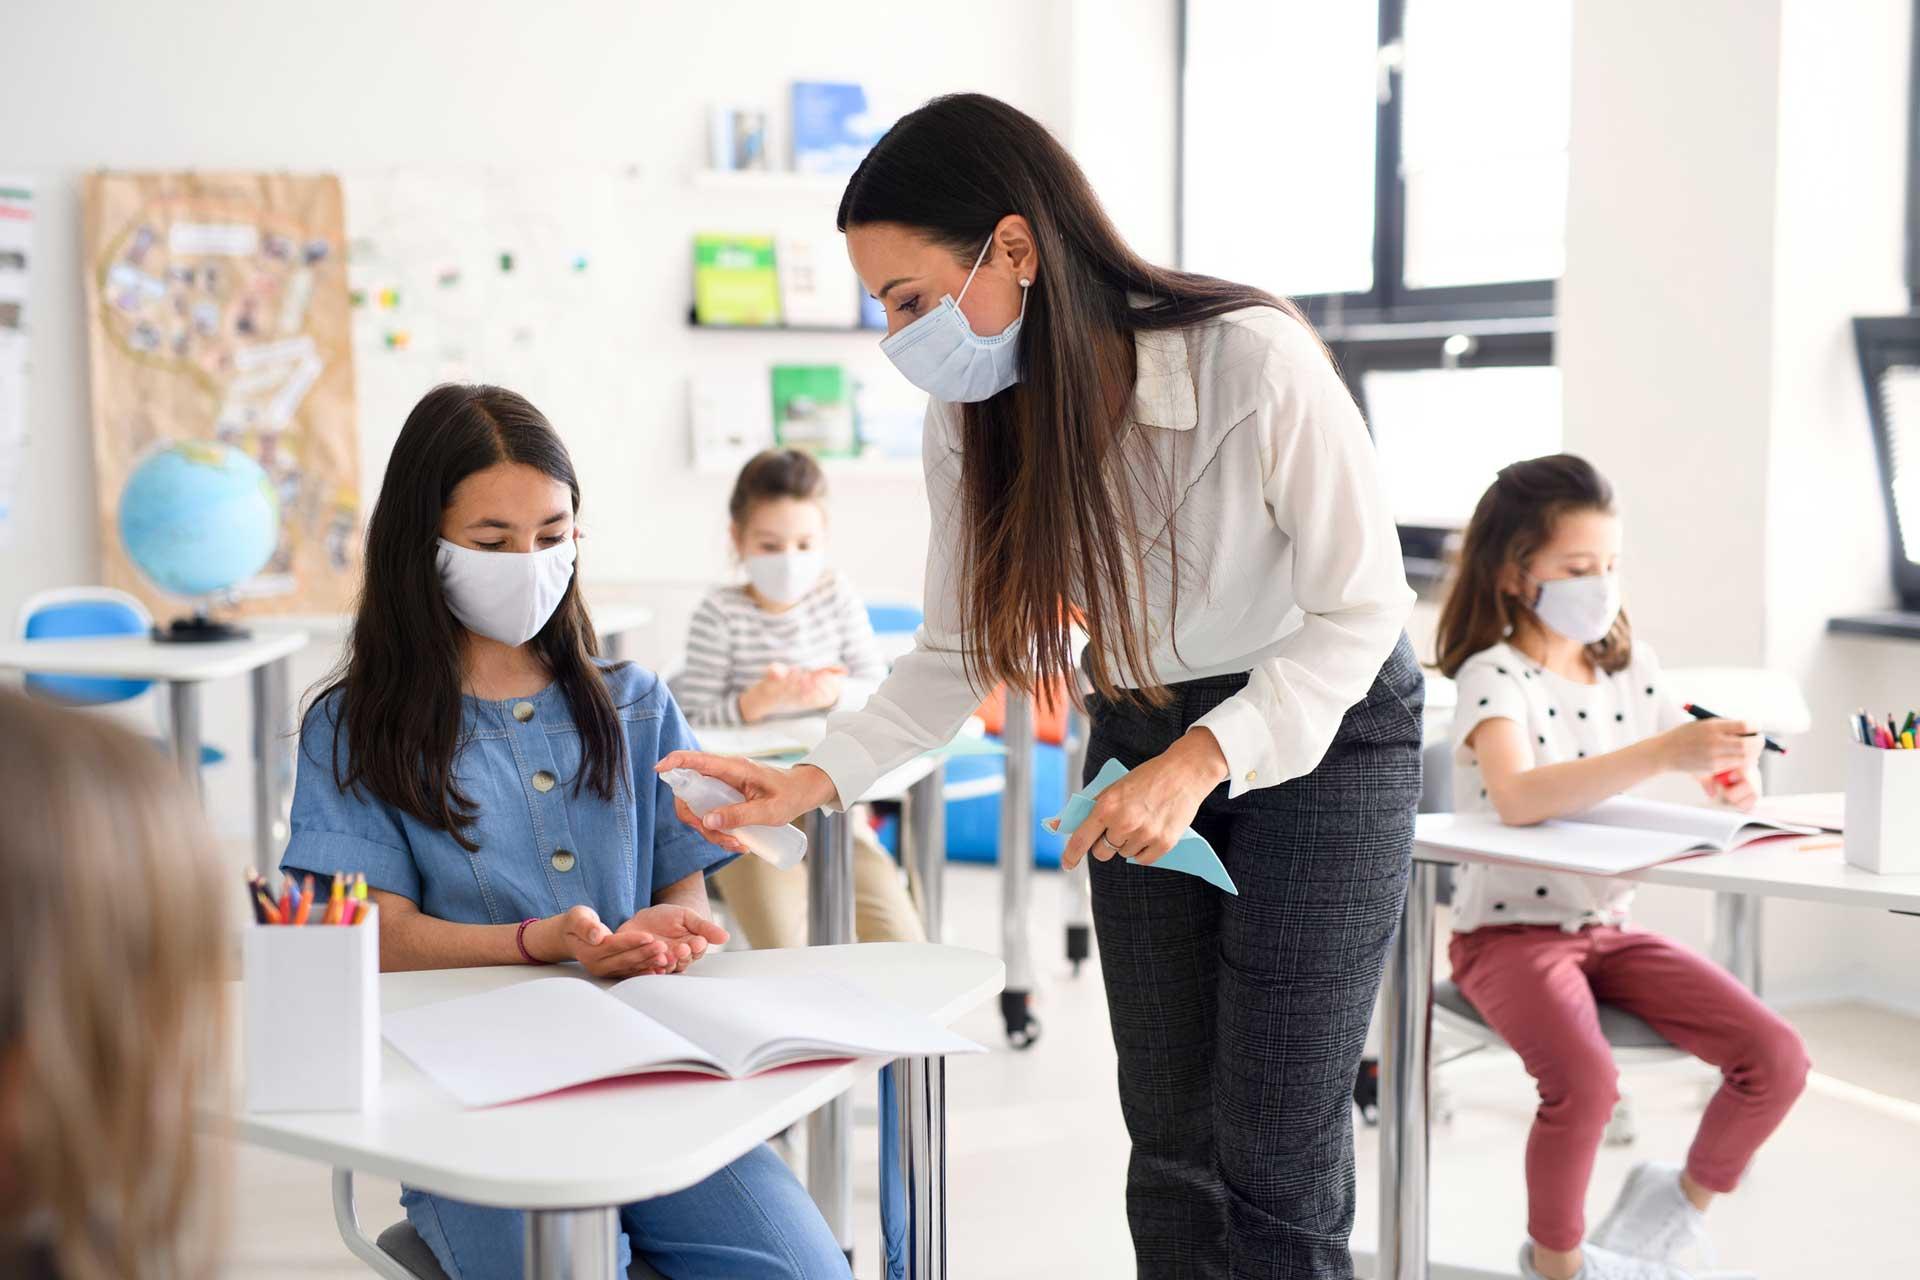 Reducerea numărului de elevi din învățământul primar și gimnazial